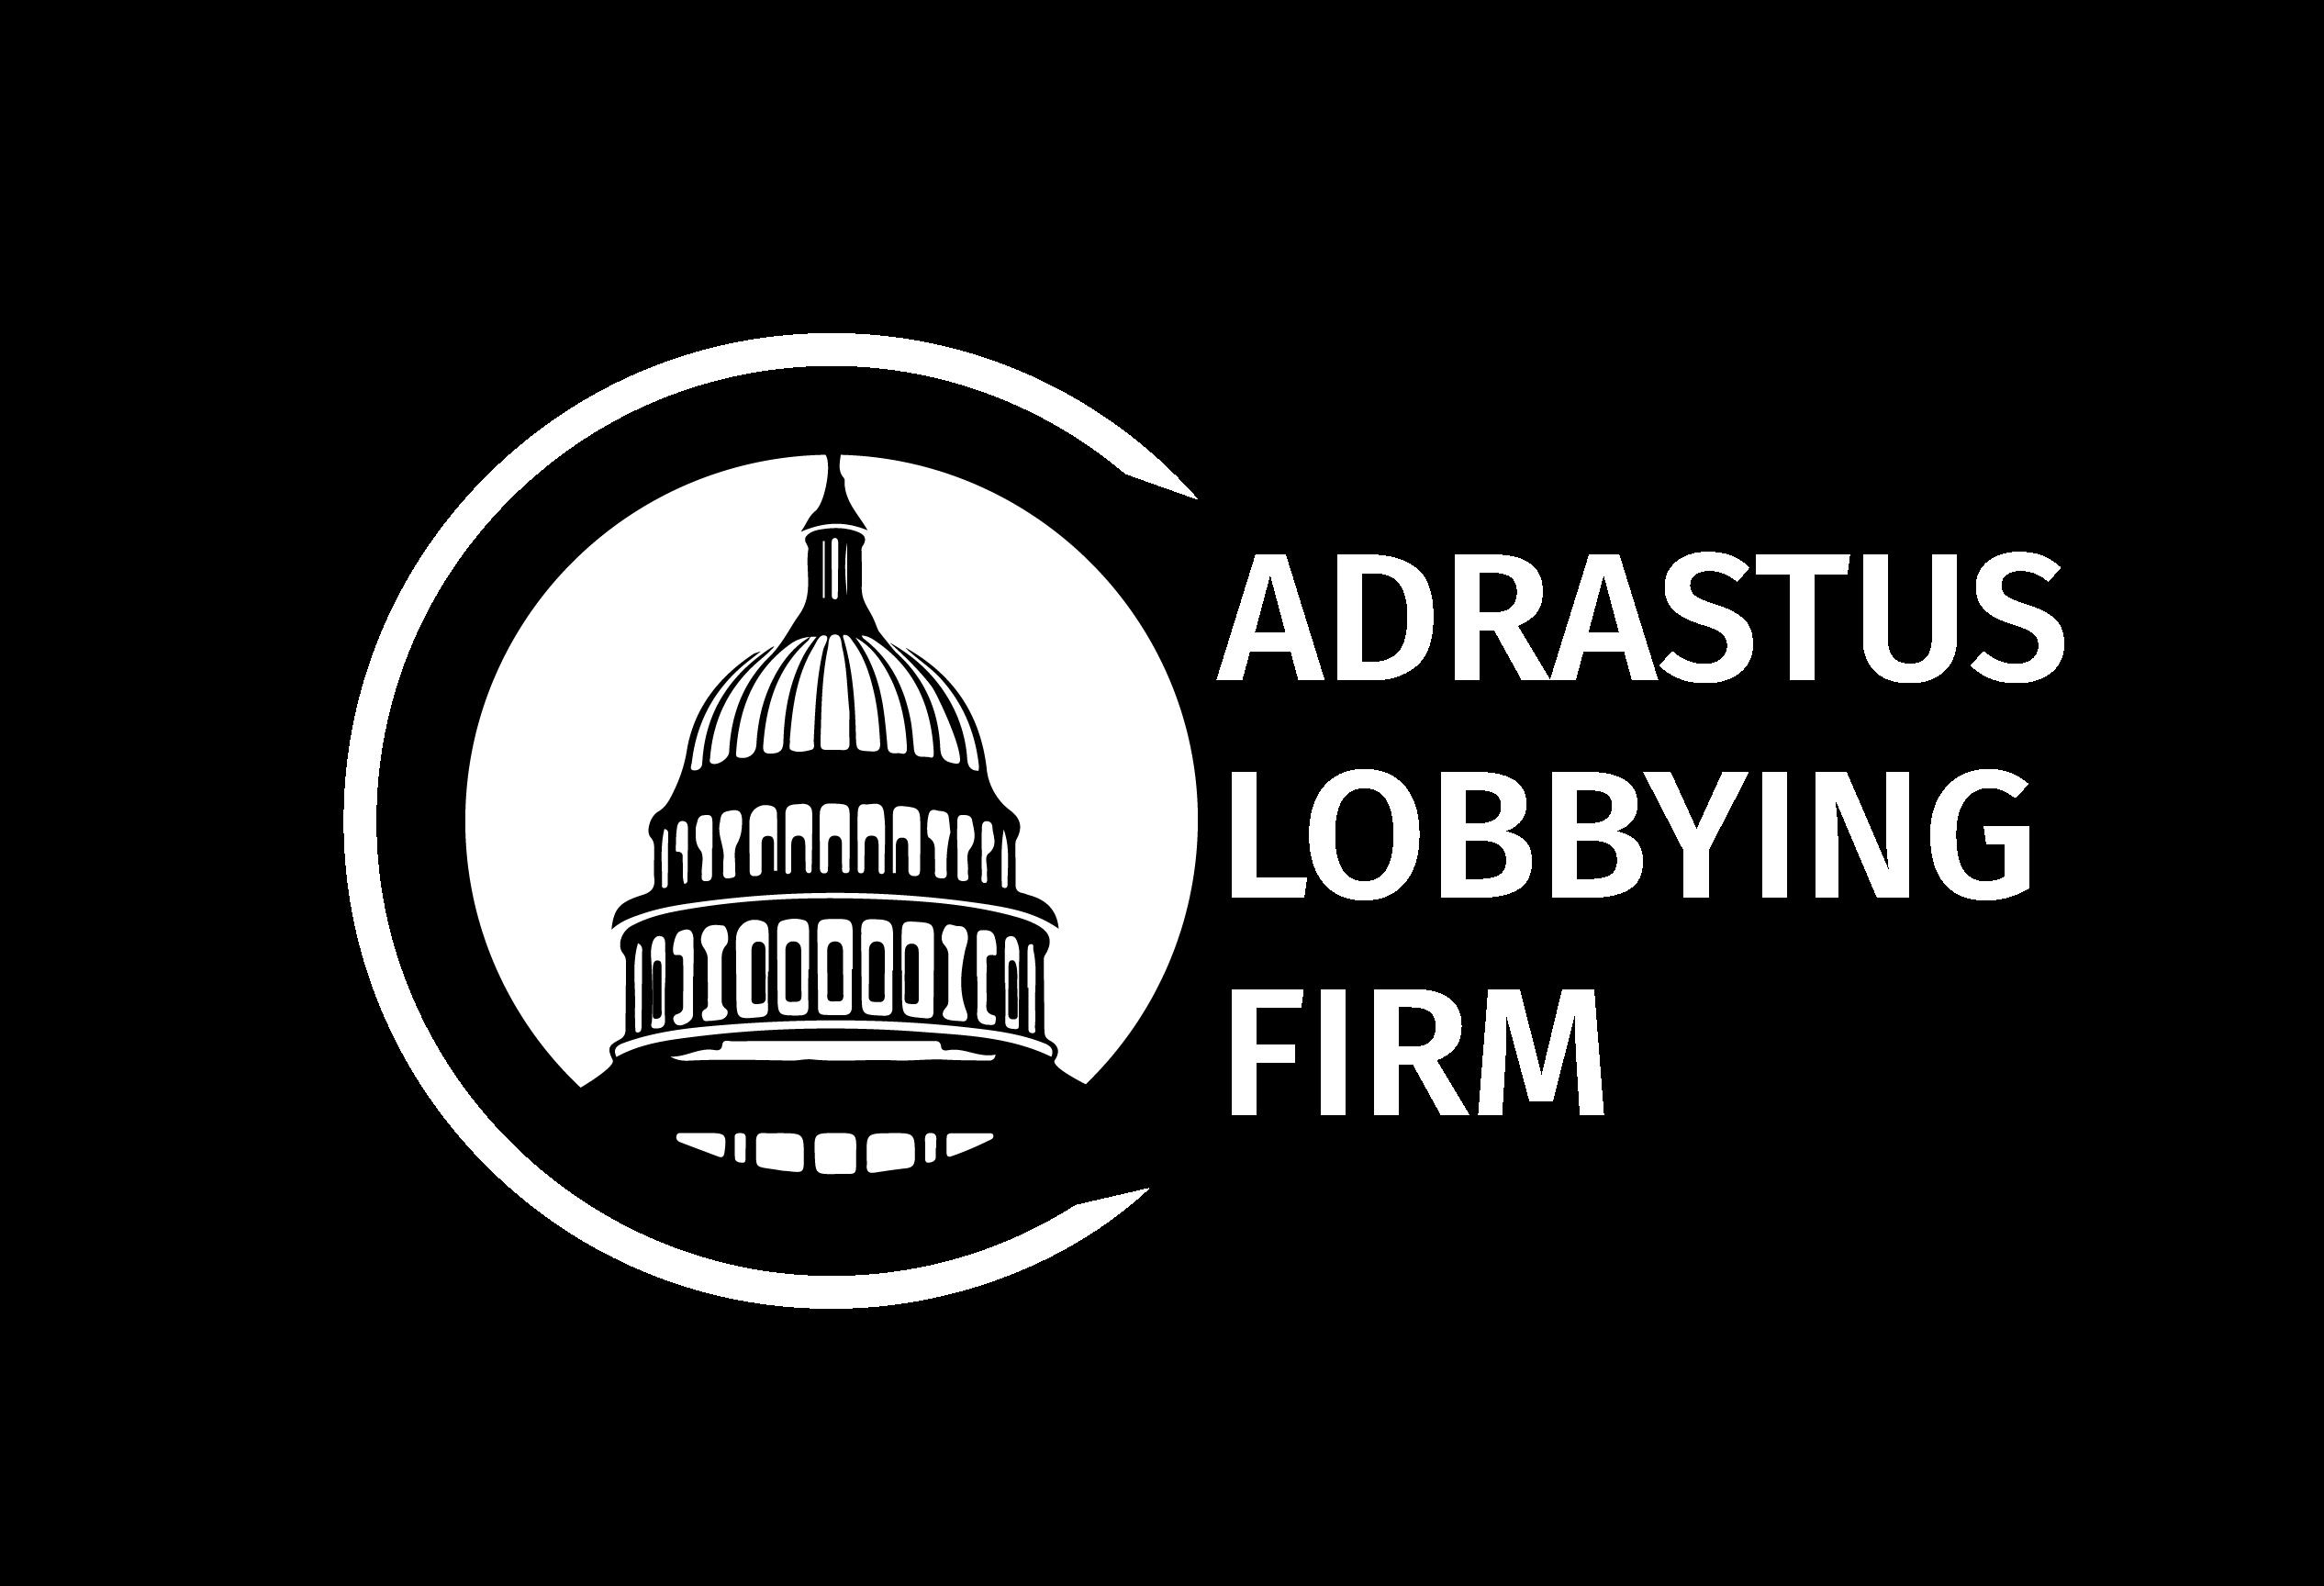 Adrastus lobbying